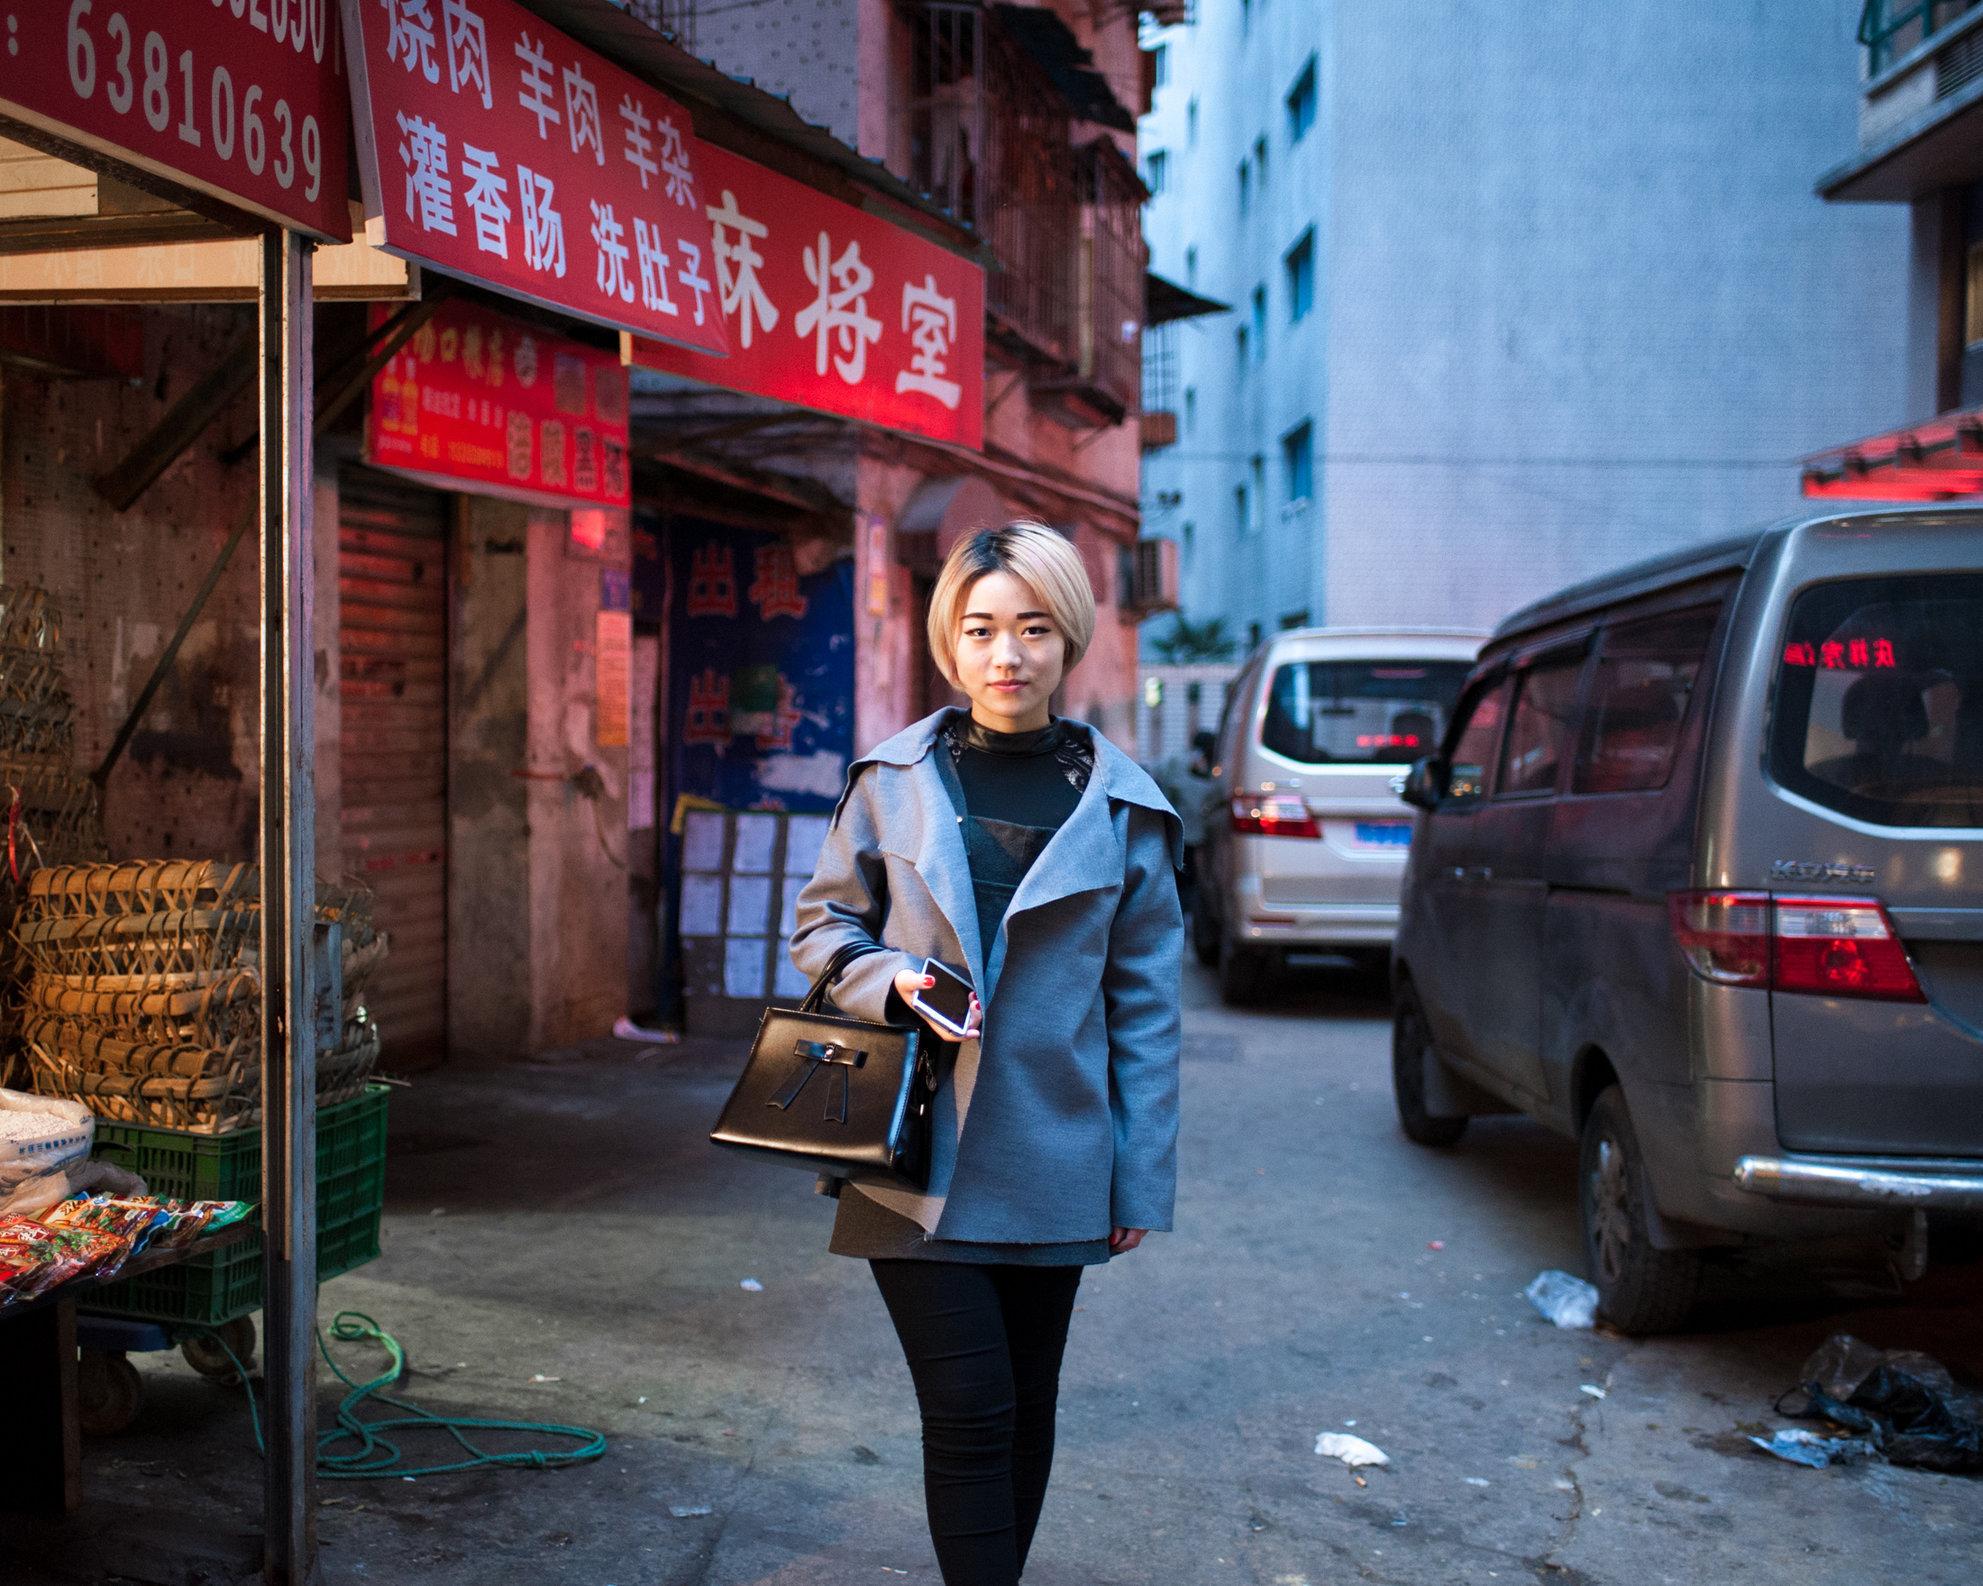 21_julien_hazemann_portraits CQ.jpg